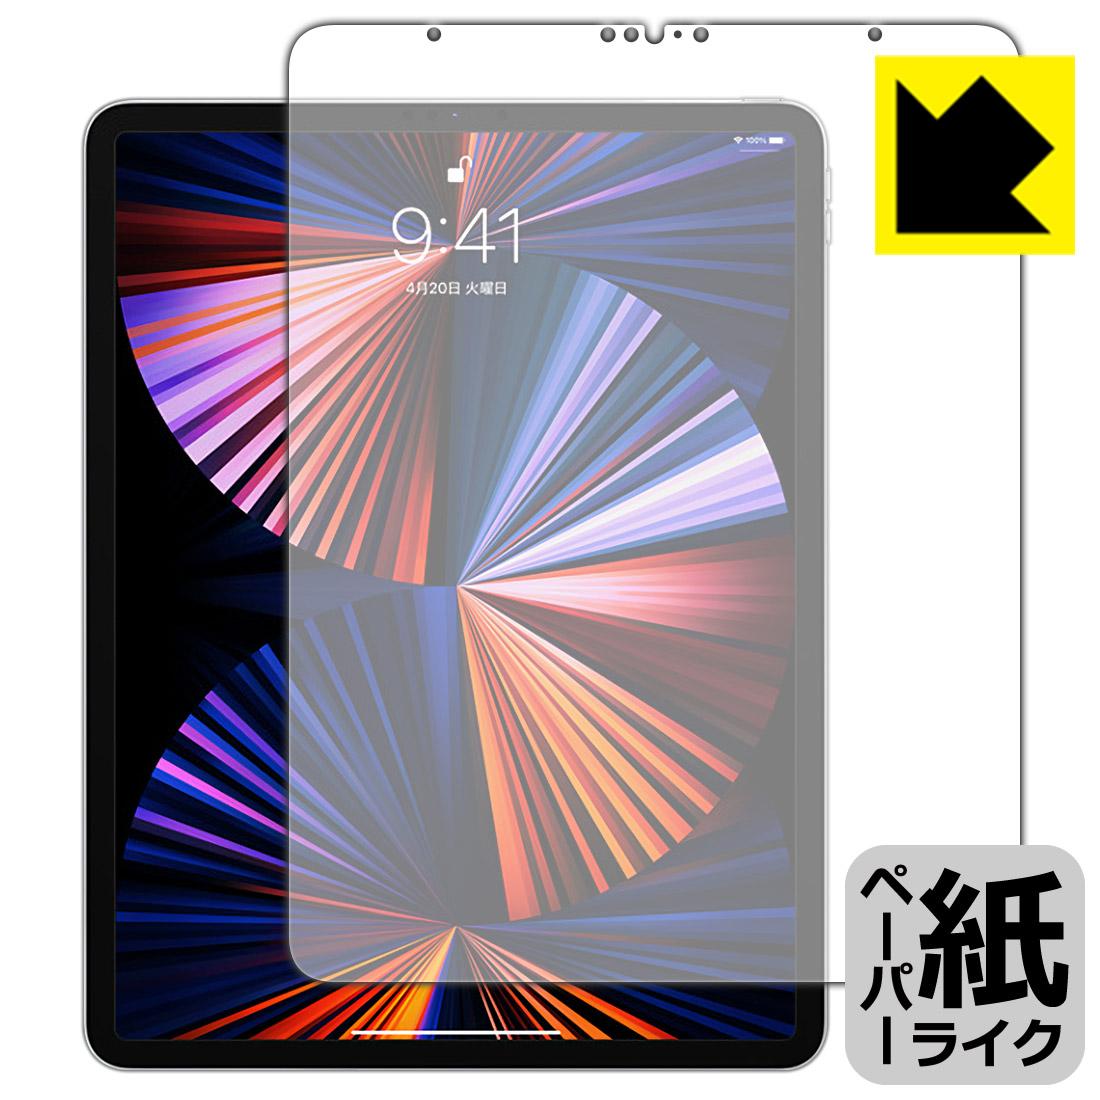 公式ショップ ペーパーライク反射防止タイプ 非光沢 iPad Pro 12.9インチ 第5世代 ペーパーライク保護フィルム 前面のみ 格安店 専用保護フィルム 保護シート smtb-kd 2021年発売モデル